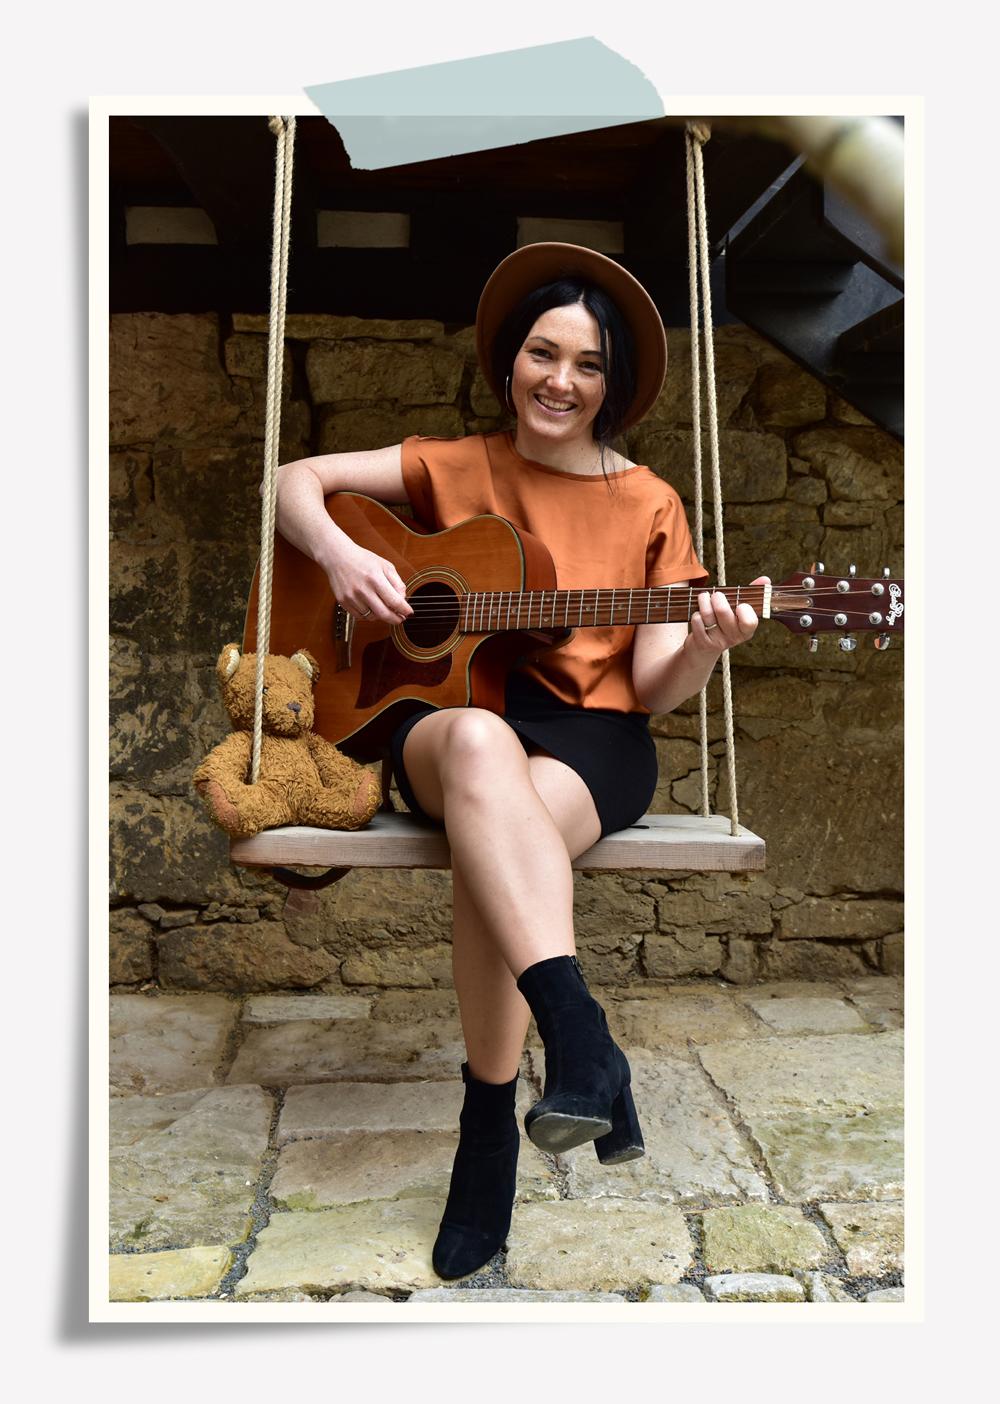 Paula-Sauer-neues-Album-Wolkenbilder-Kinderlieder-mitsingen-akustik-Gitarre-Muiskwerkstatt-Jena